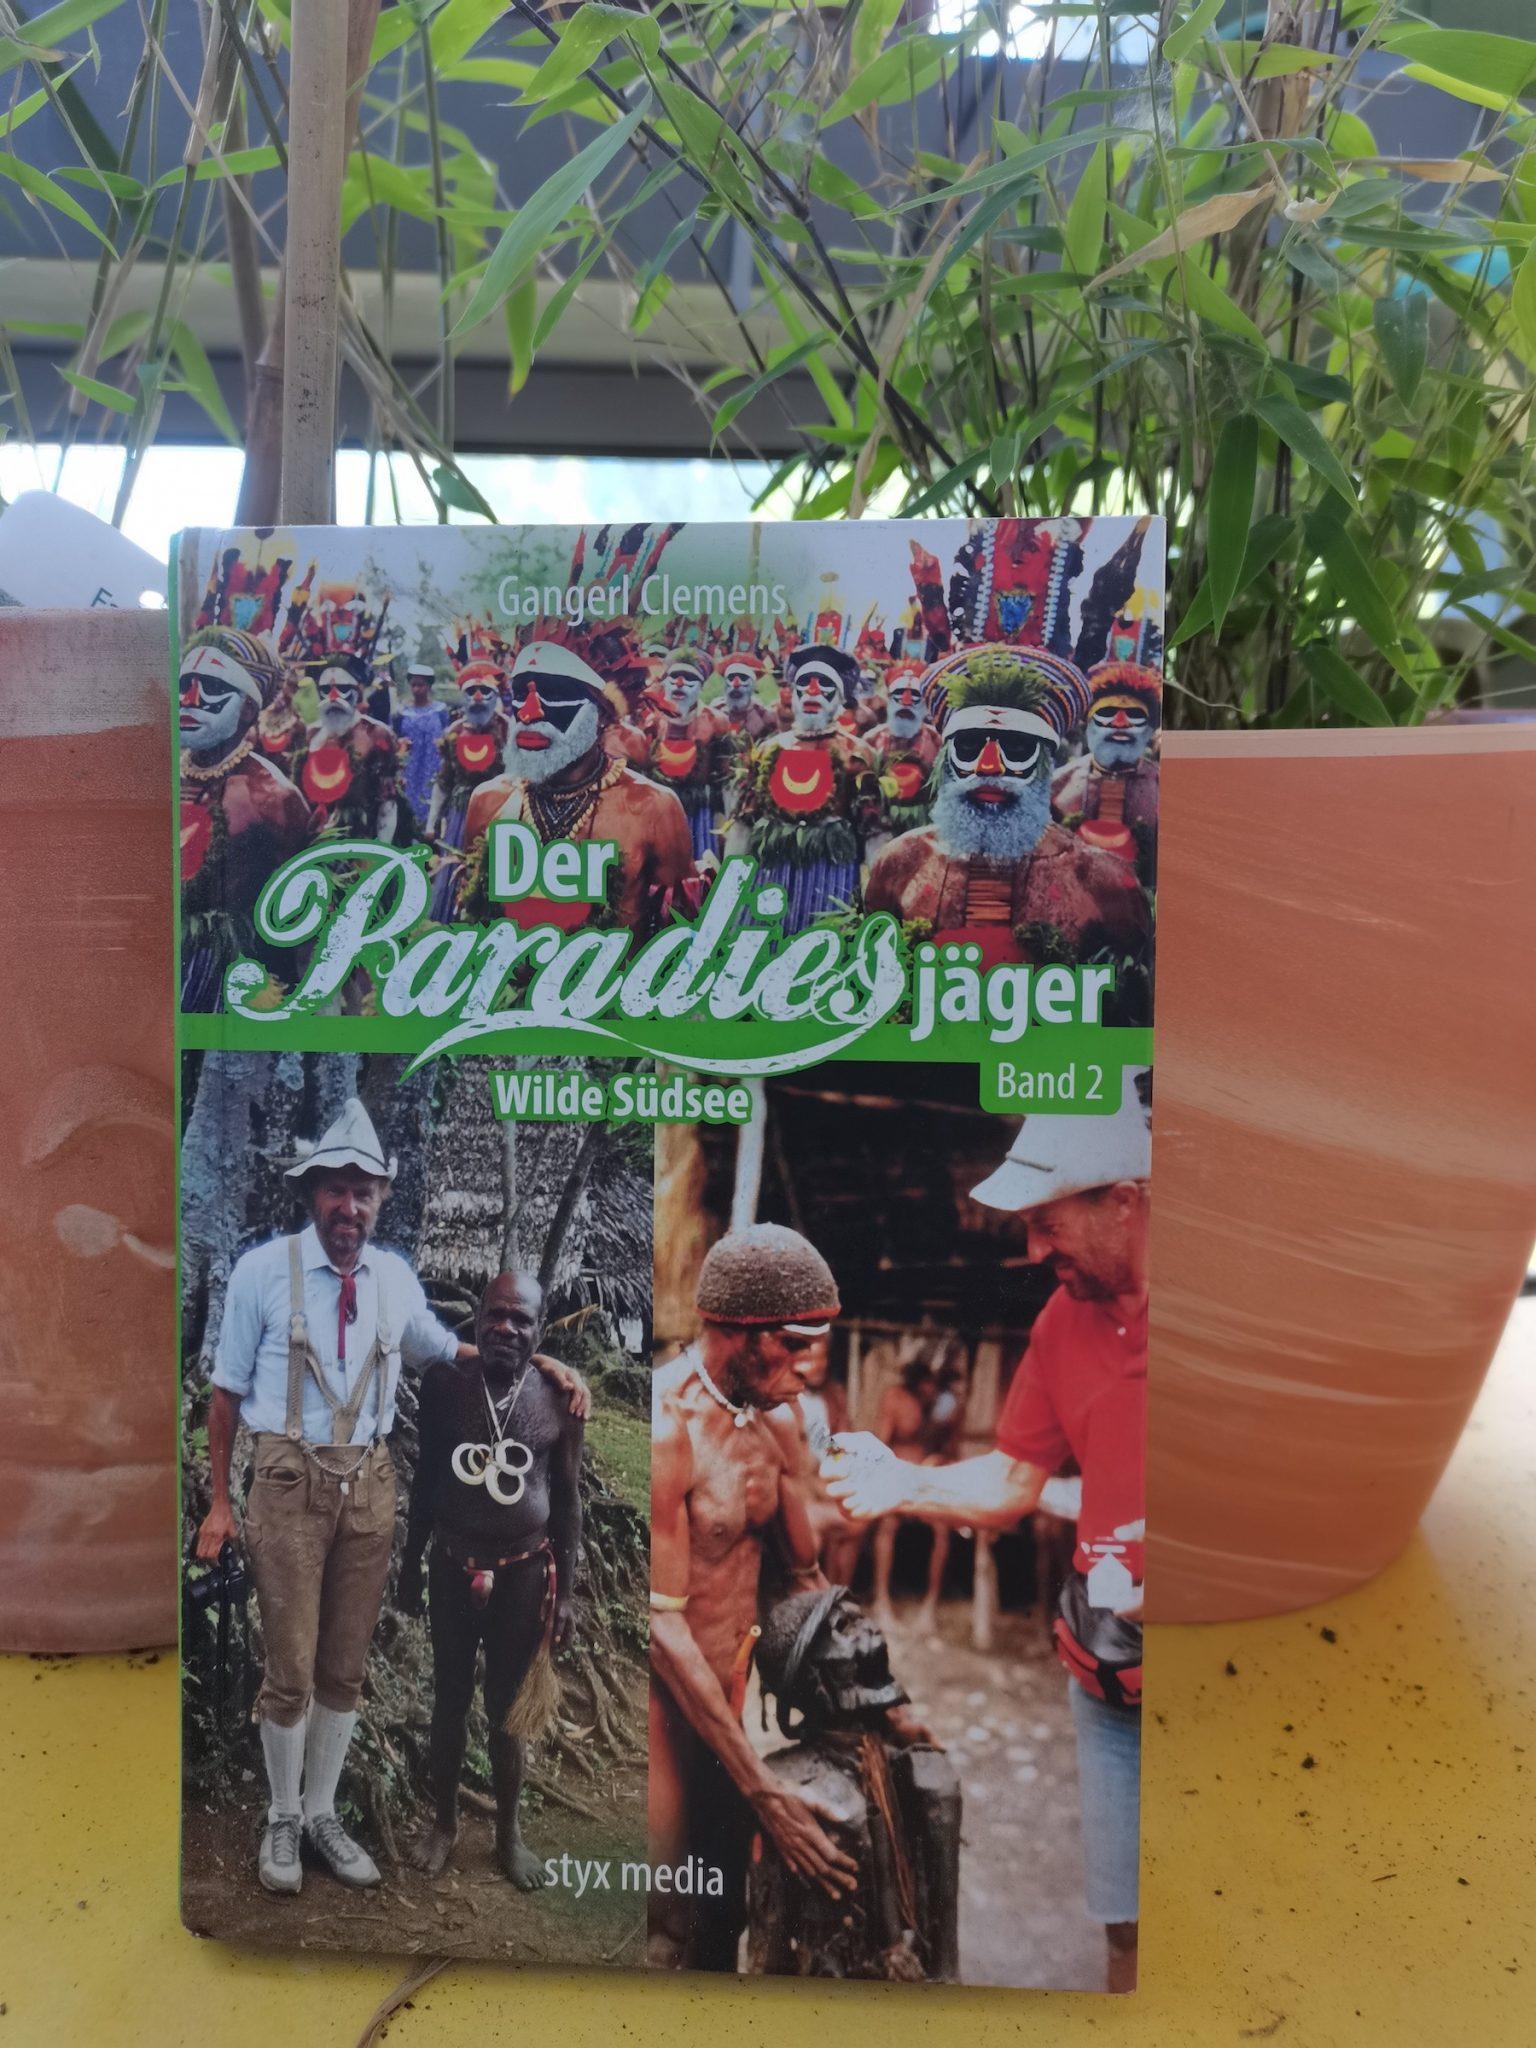 Der Paradiesjäger Band 2 von Gangerl Clemens auf www.nixzulesen.de